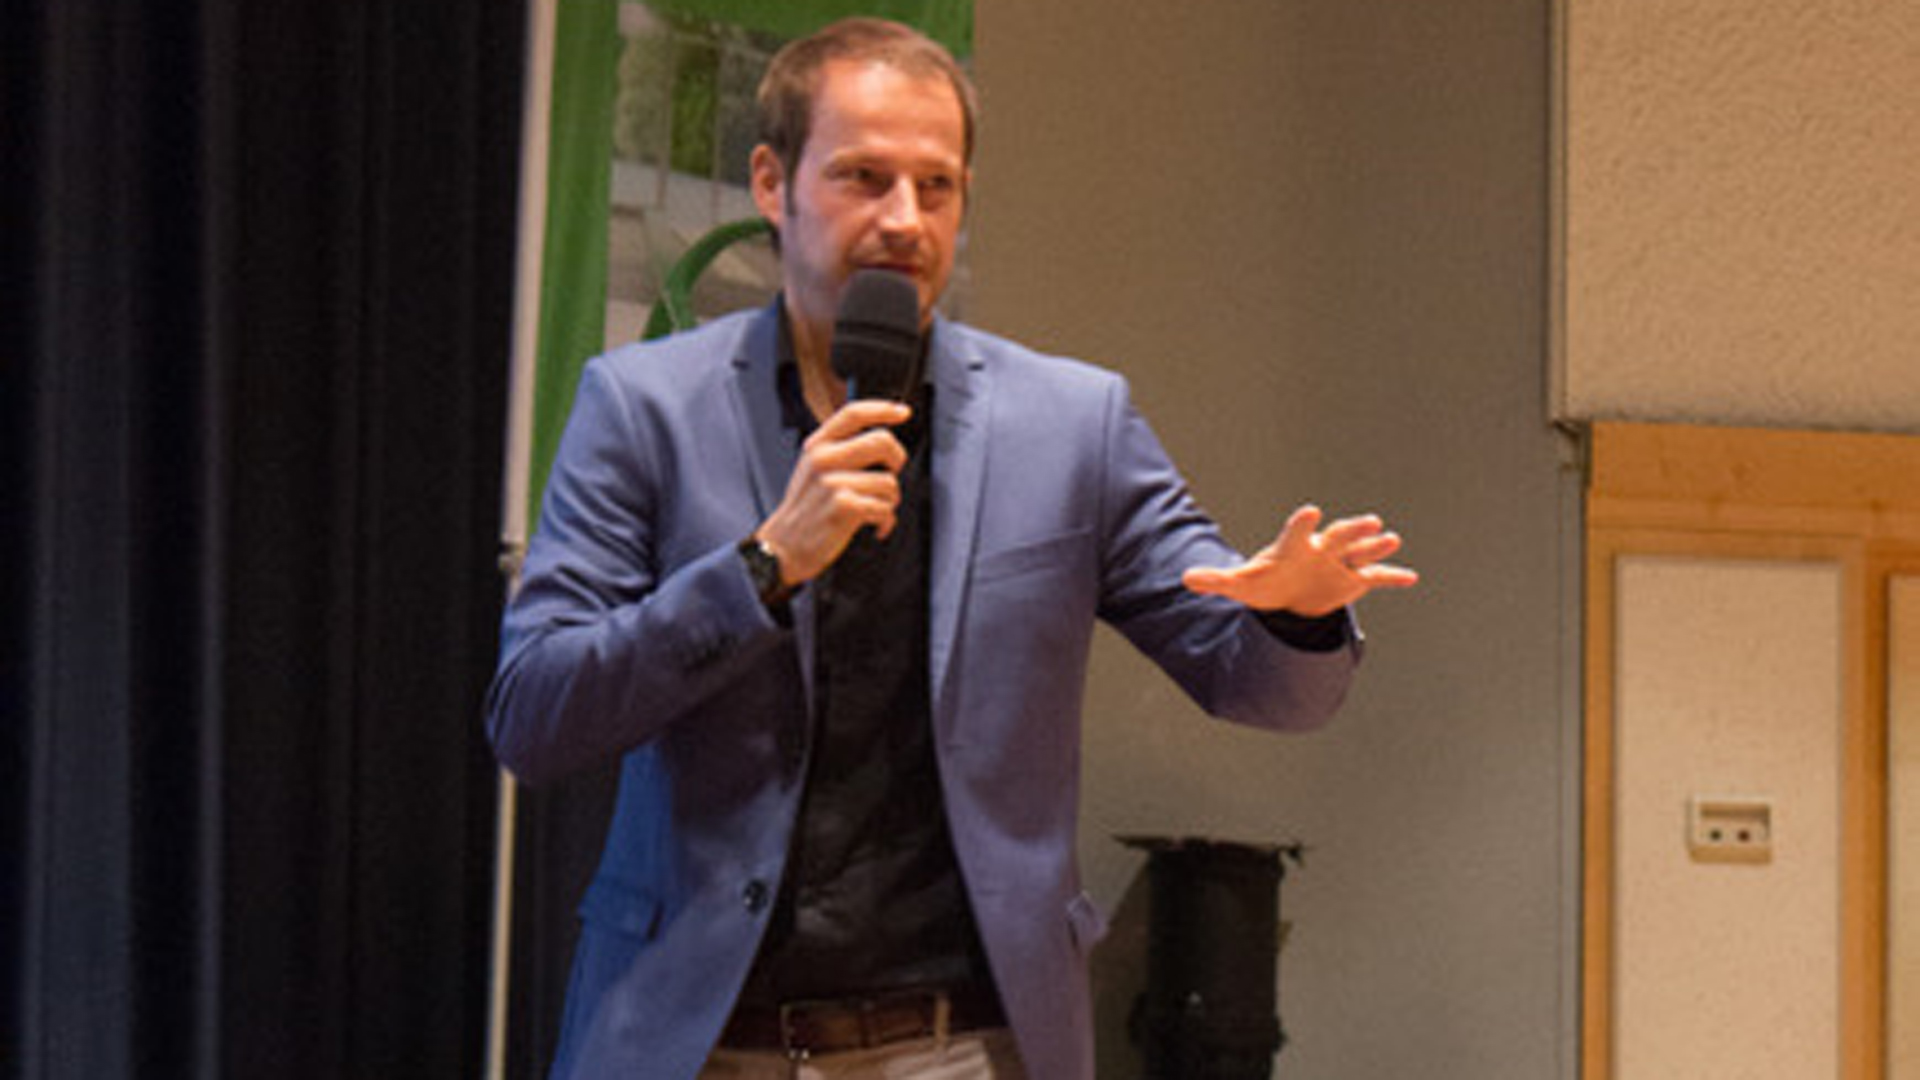 """""""Wertschätzung fängt immer bei einem selber an"""", sagt Tim Niedernolte, Hauptreferent der Jahrestagung der """"Initiative Wirtschaft"""" in Bad Sassendorf"""